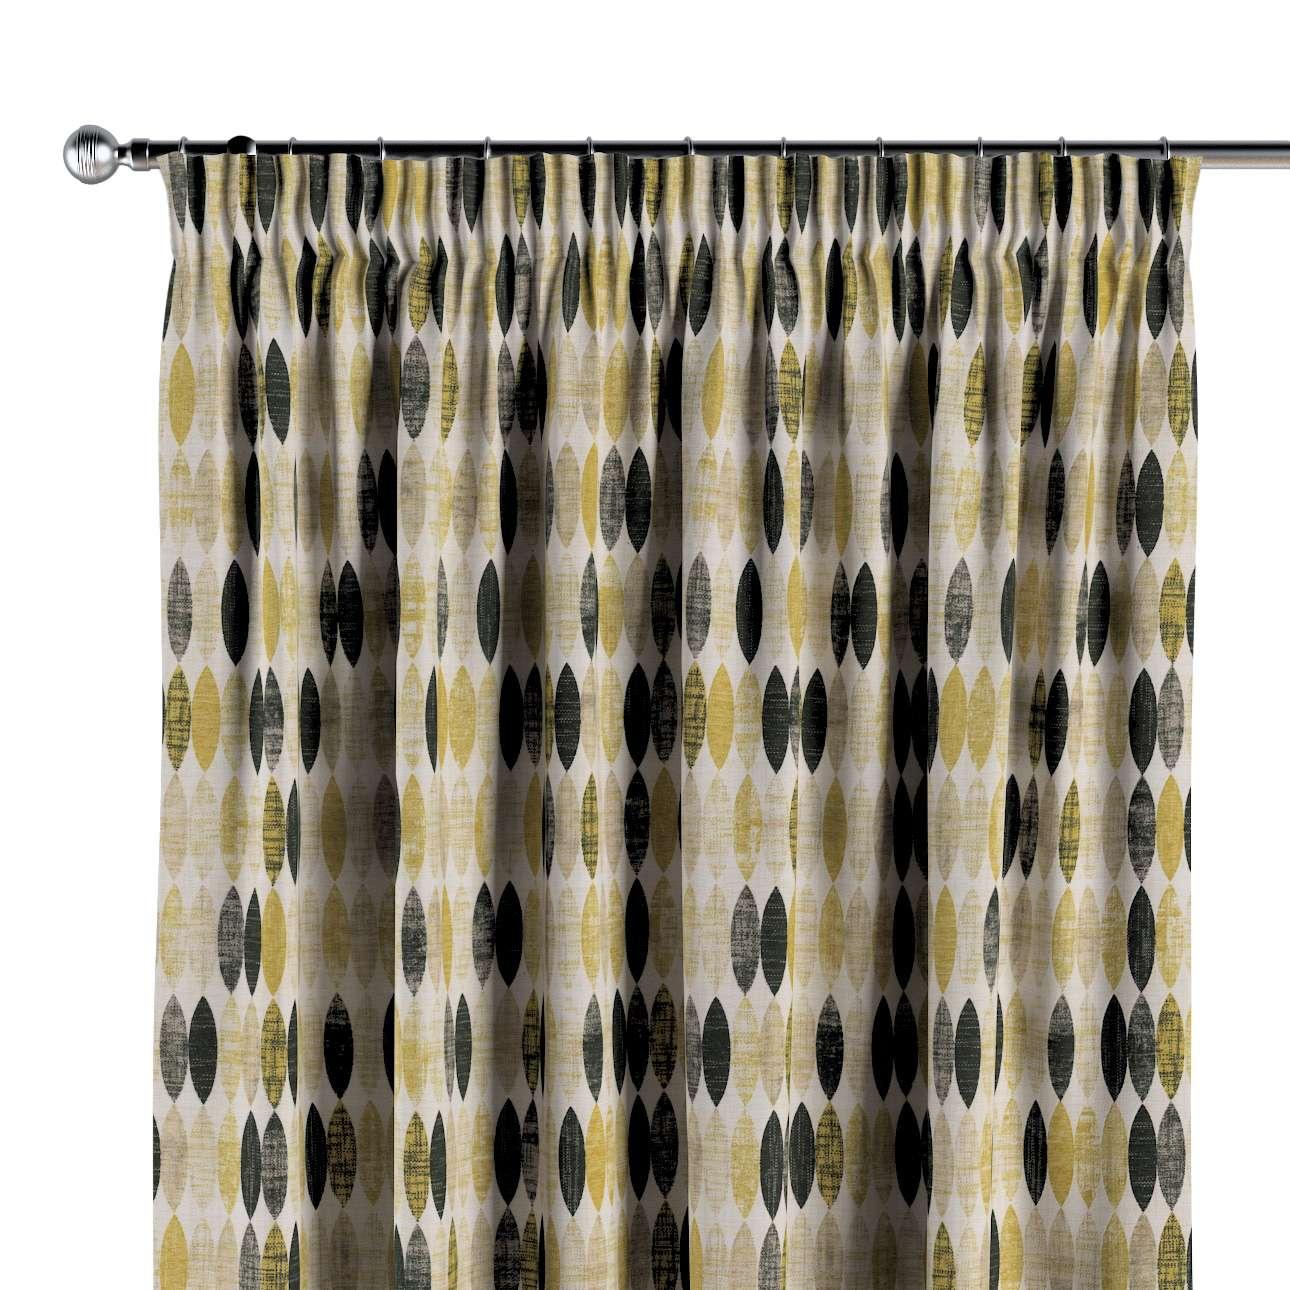 Zasłona na taśmie marszczącej 1 szt. w kolekcji Modern, tkanina: 142-99